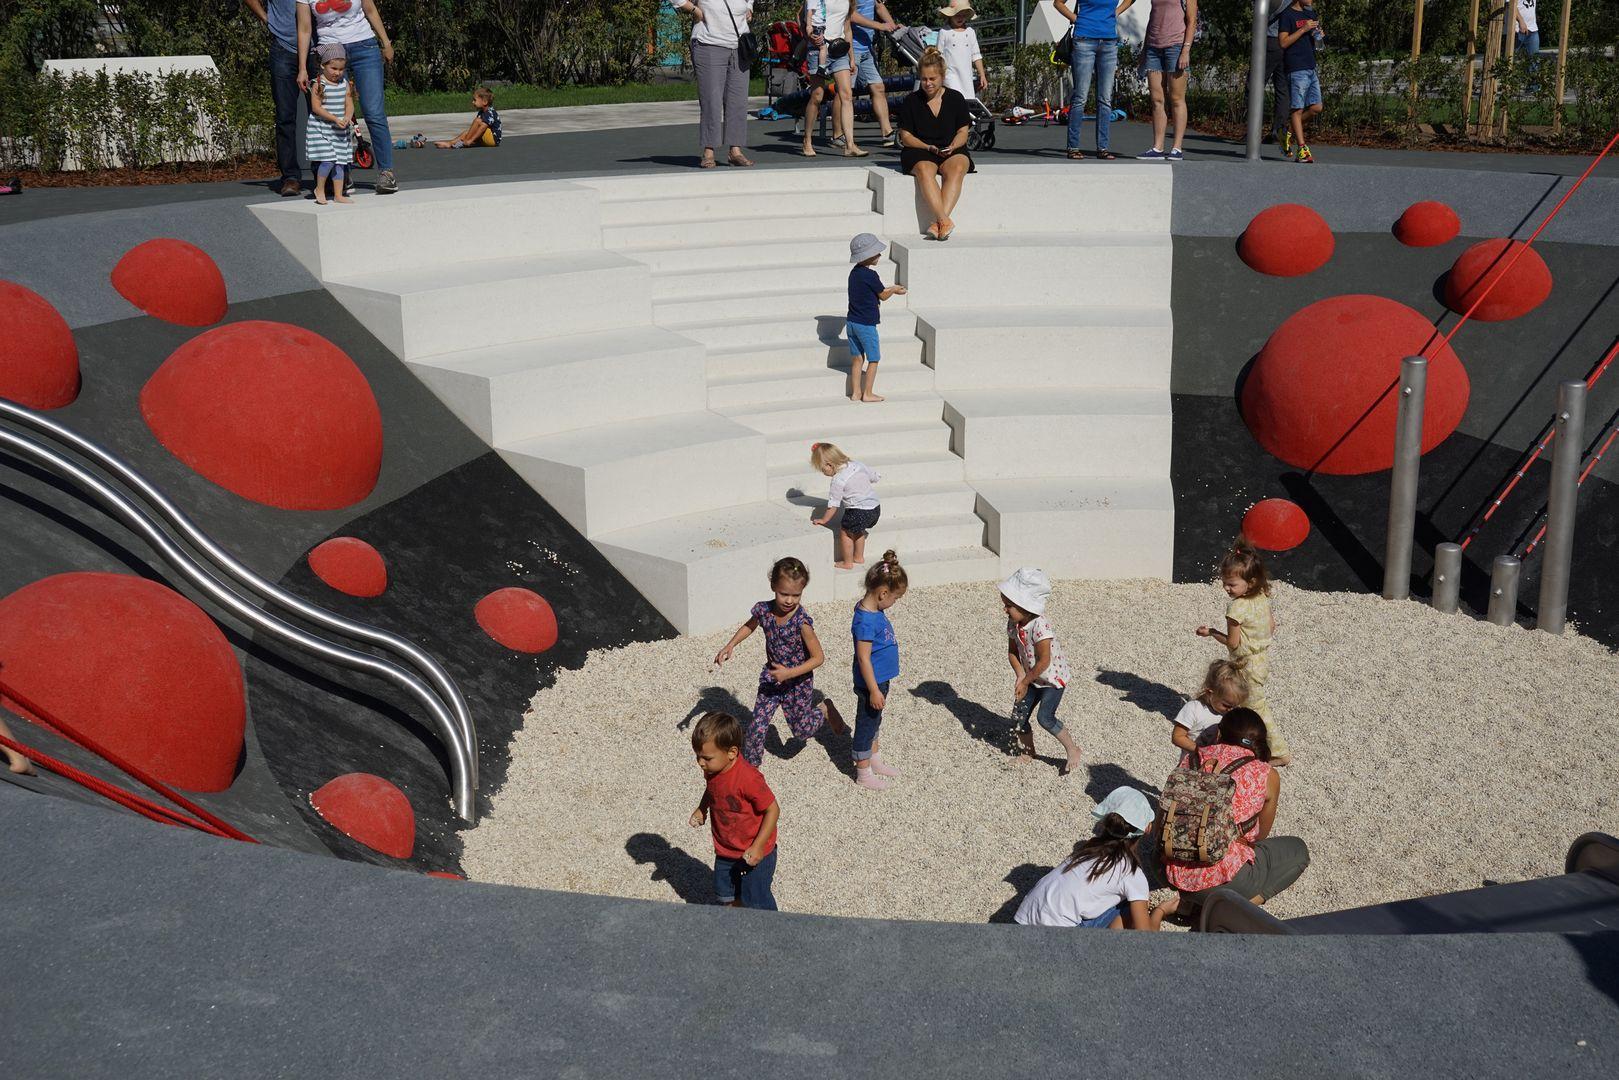 Новая детская площадка «Салют» в парке Горького. Овраг